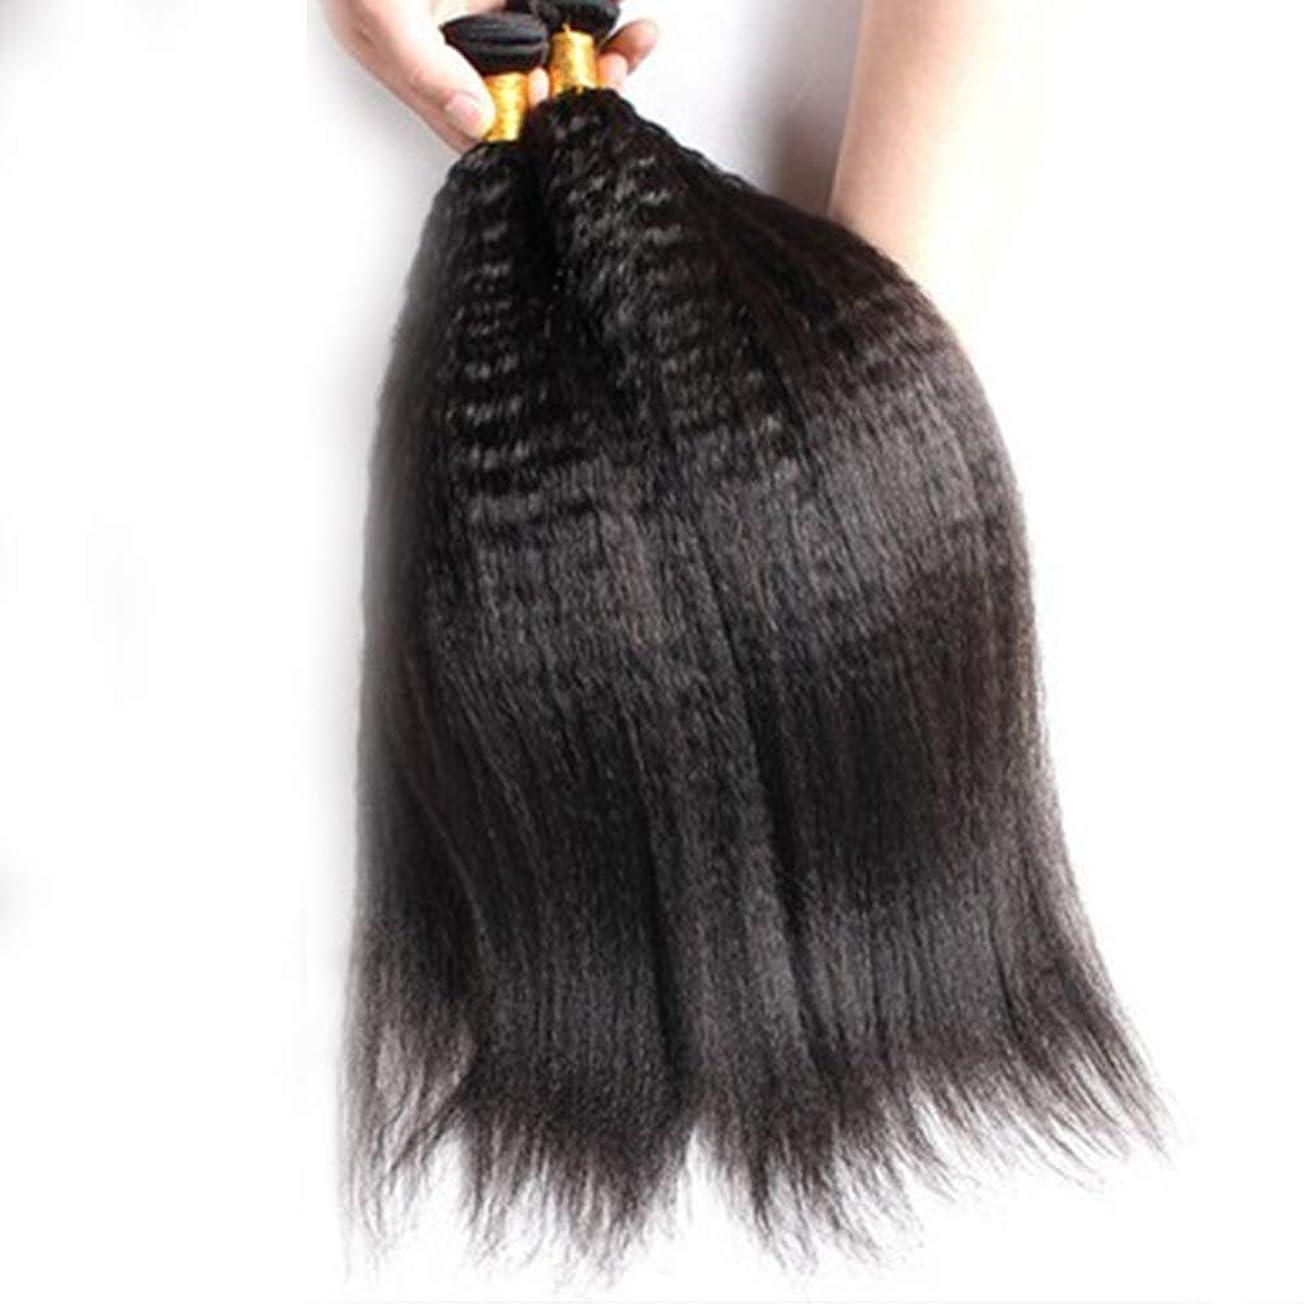 推測する机未知のBOBIDYEE ブラジルのリアルかつら髪を編む変態ストレートシームレスパッチ髪天然毛ブロック合成髪レースかつらロールプレイングかつら (色 : Natural Color, サイズ : 10inch)